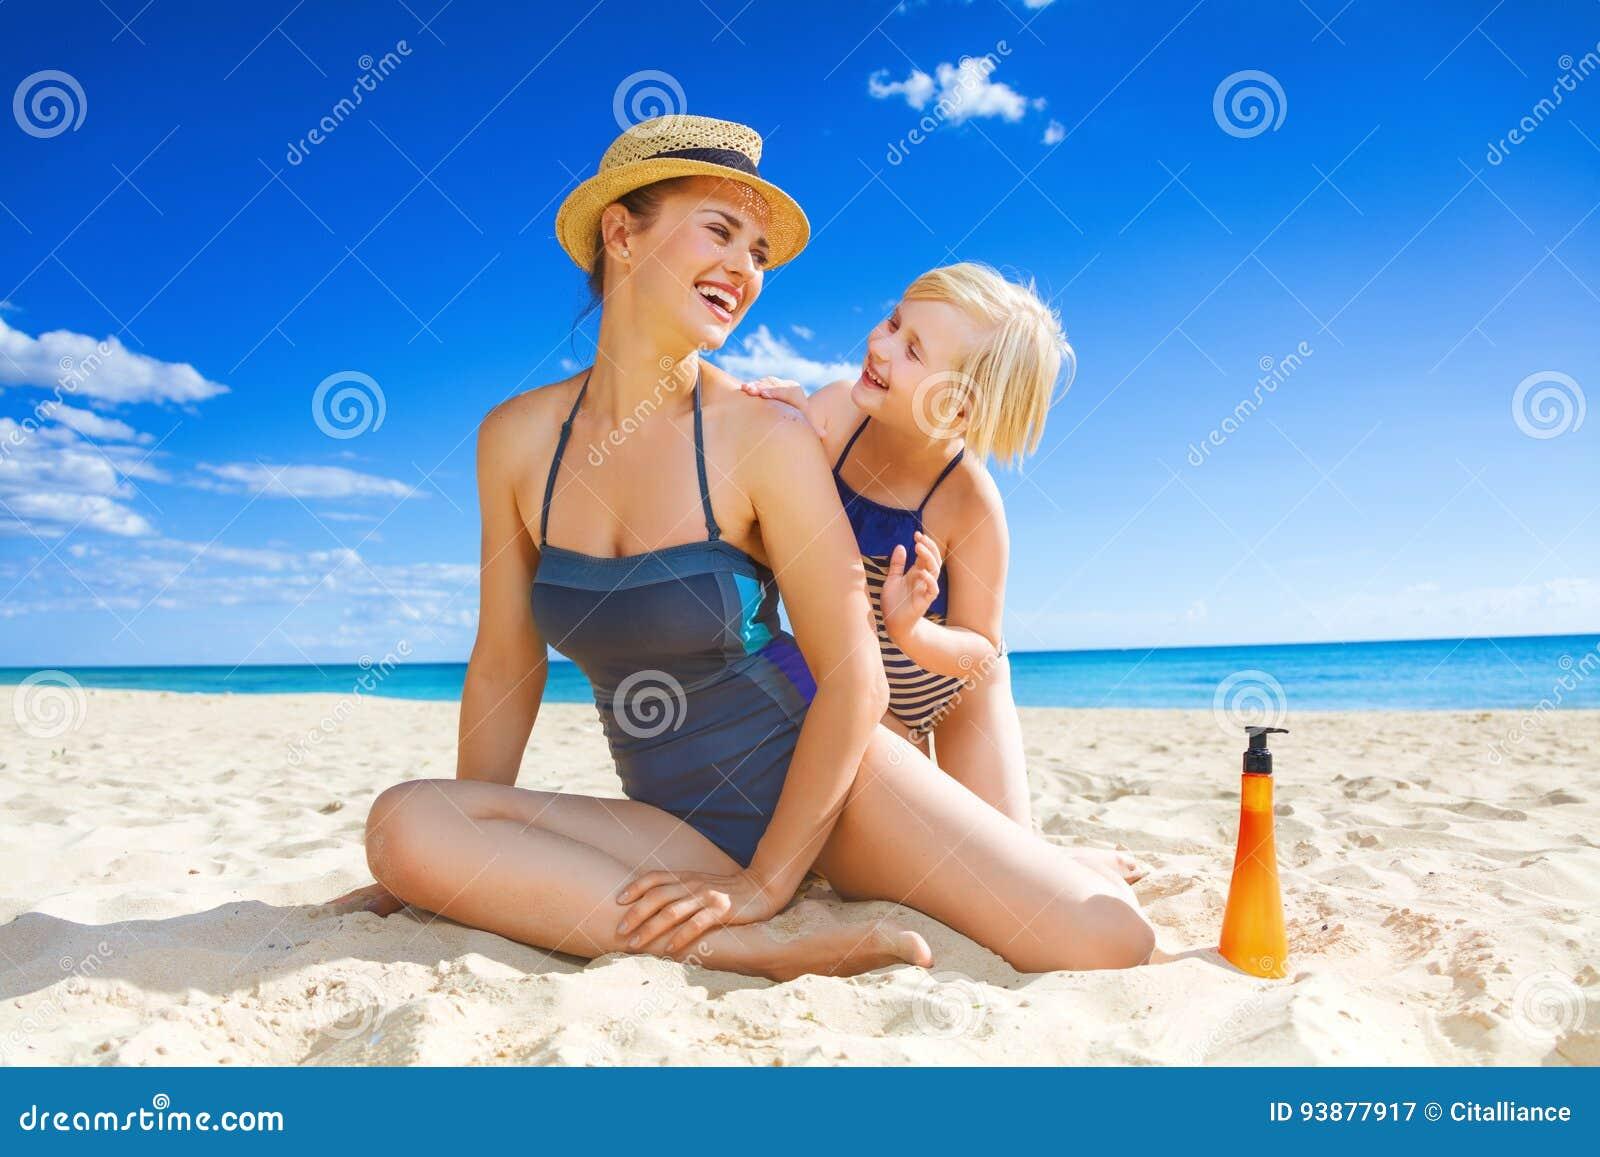 微笑的年轻母亲和孩子申请SPF的海滨的